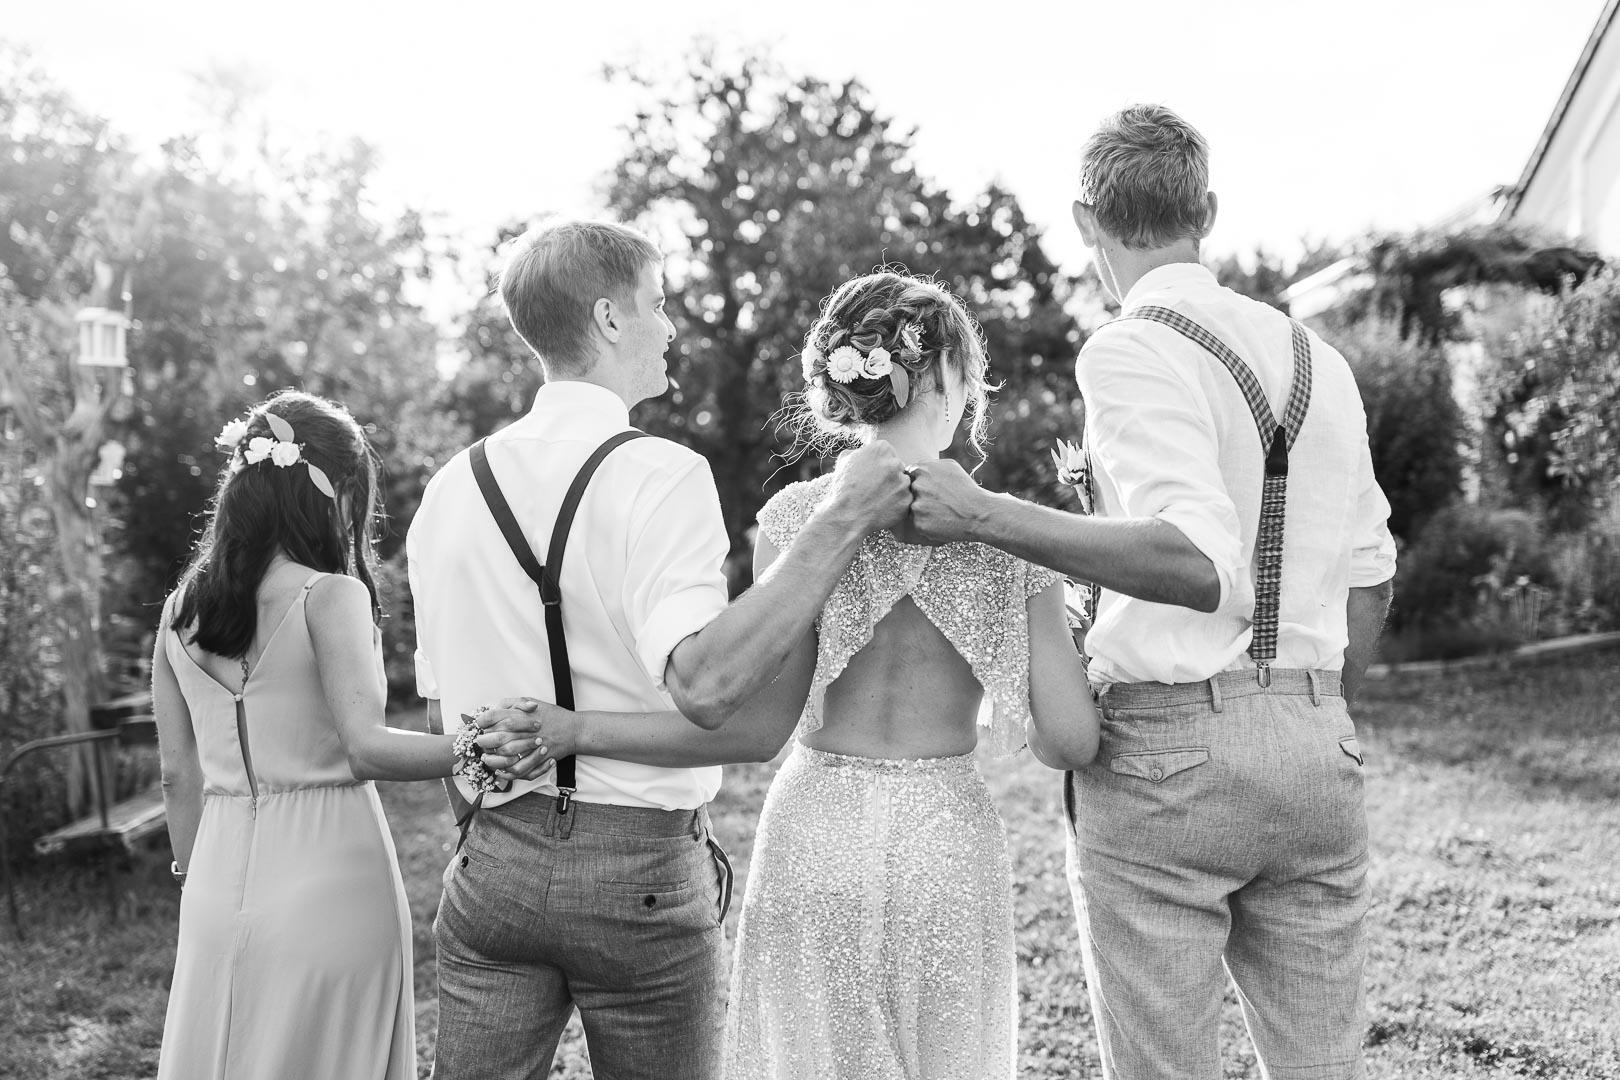 Rückenansicht von einem Brautpaar und Trauzeugen, die sich an den Händen halten